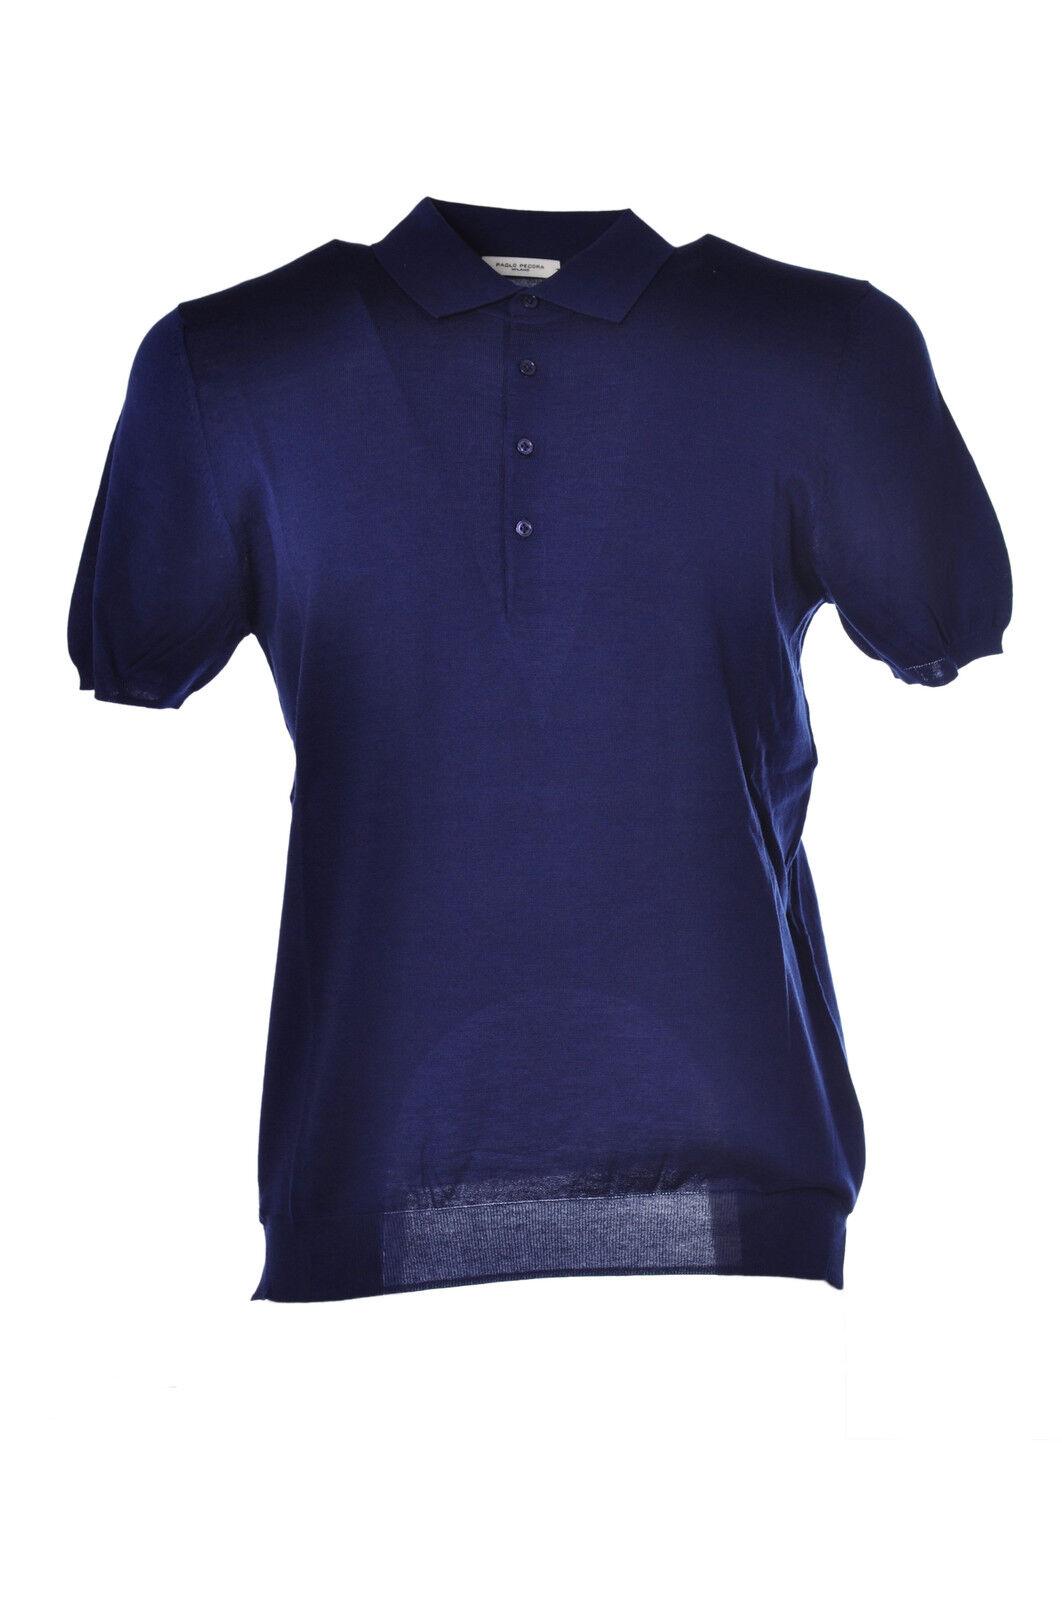 Paolo Pecora  -  Polo - Male - M - bluee - 1440512B162450